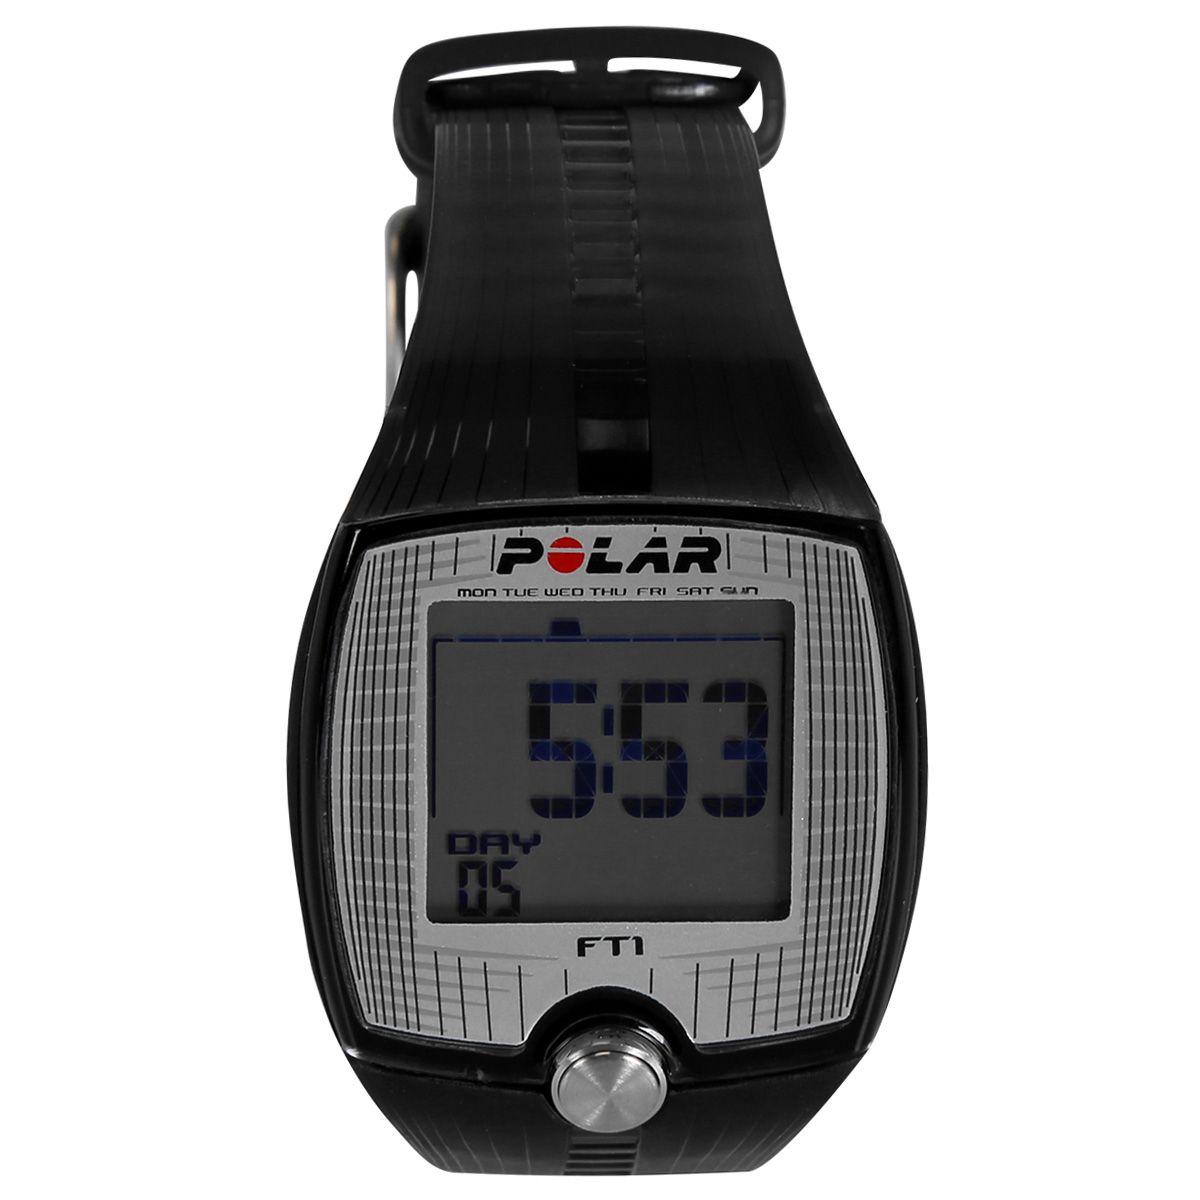 3c16a2c1c323 RELOJ POLAR FT1 Disfruta aun más de tus entrenamientos como corredor  portando el Reloj Polar Ft1